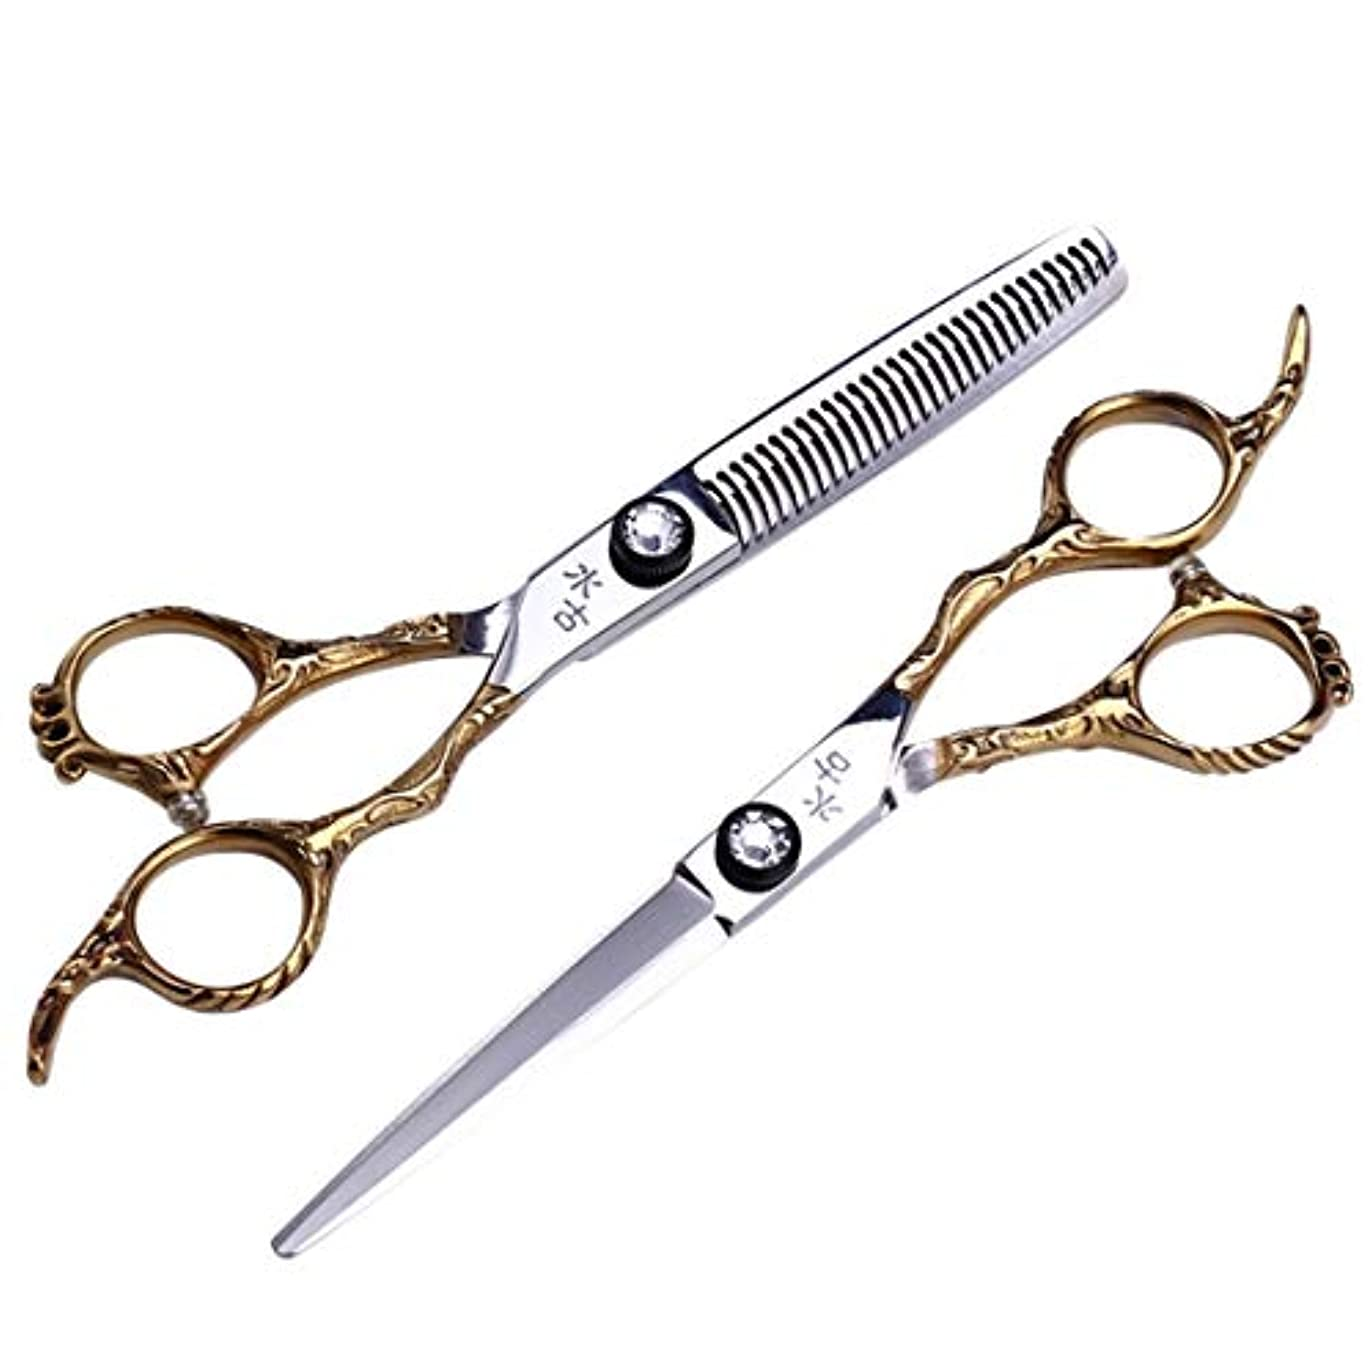 味わうロマンチック請求Jiaoran プロの理髪はさみ、歯はさみ+フラットシャーリングセット6.0インチ理髪サロンツールセット (Color : Gold)